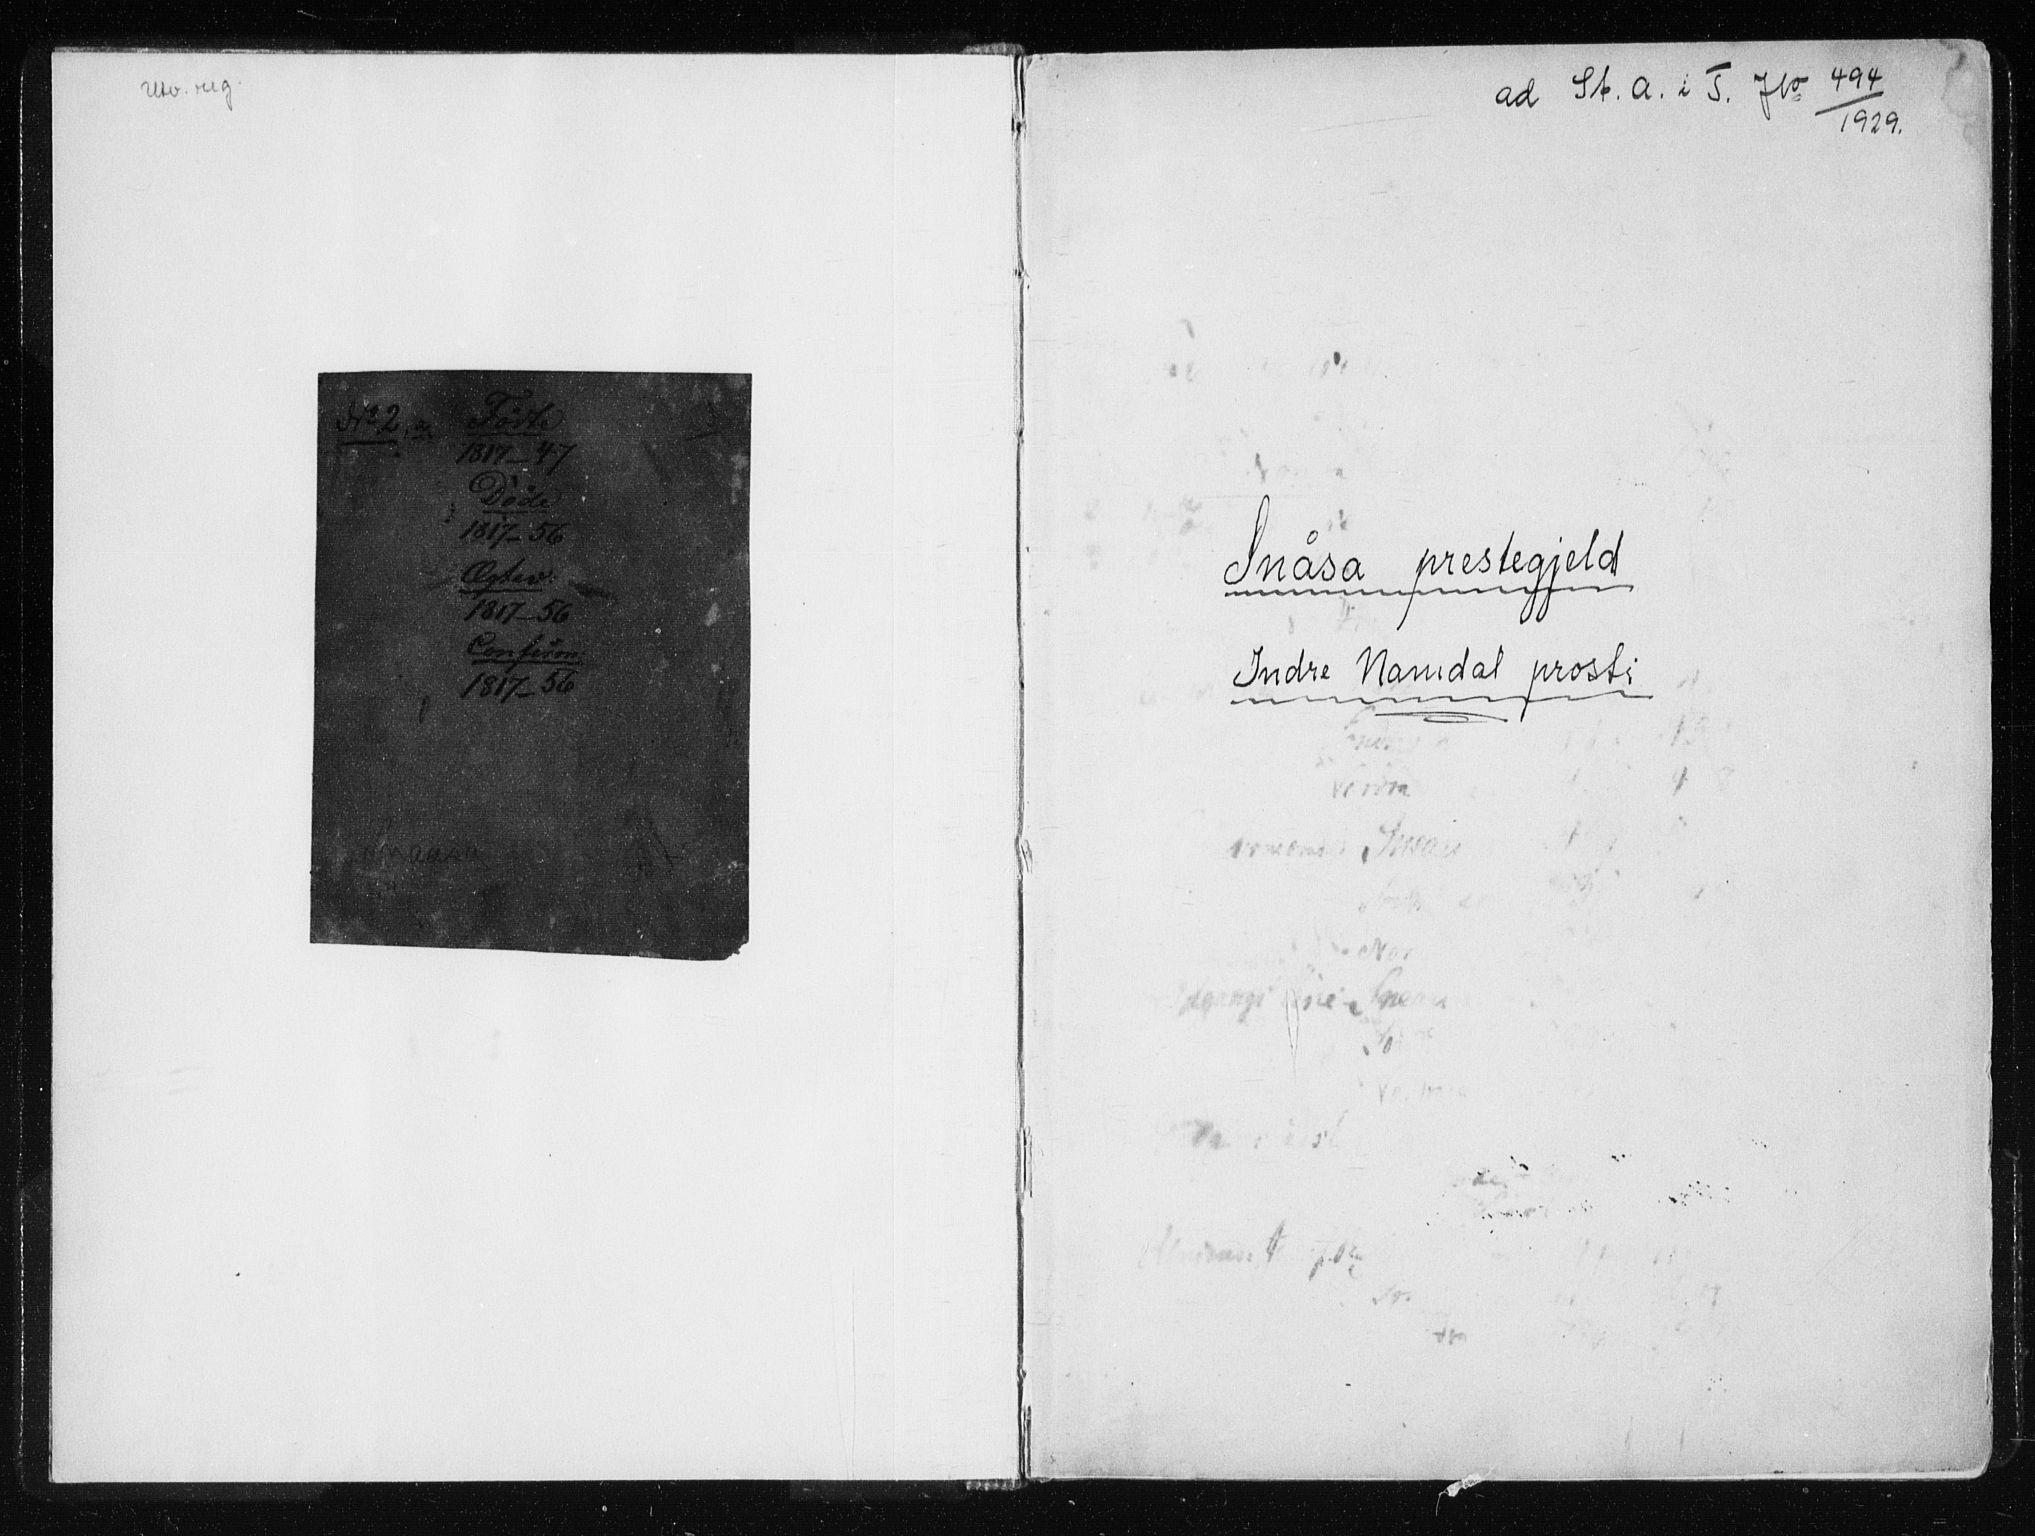 SAT, Ministerialprotokoller, klokkerbøker og fødselsregistre - Nord-Trøndelag, 749/L0469: Ministerialbok nr. 749A03, 1817-1857